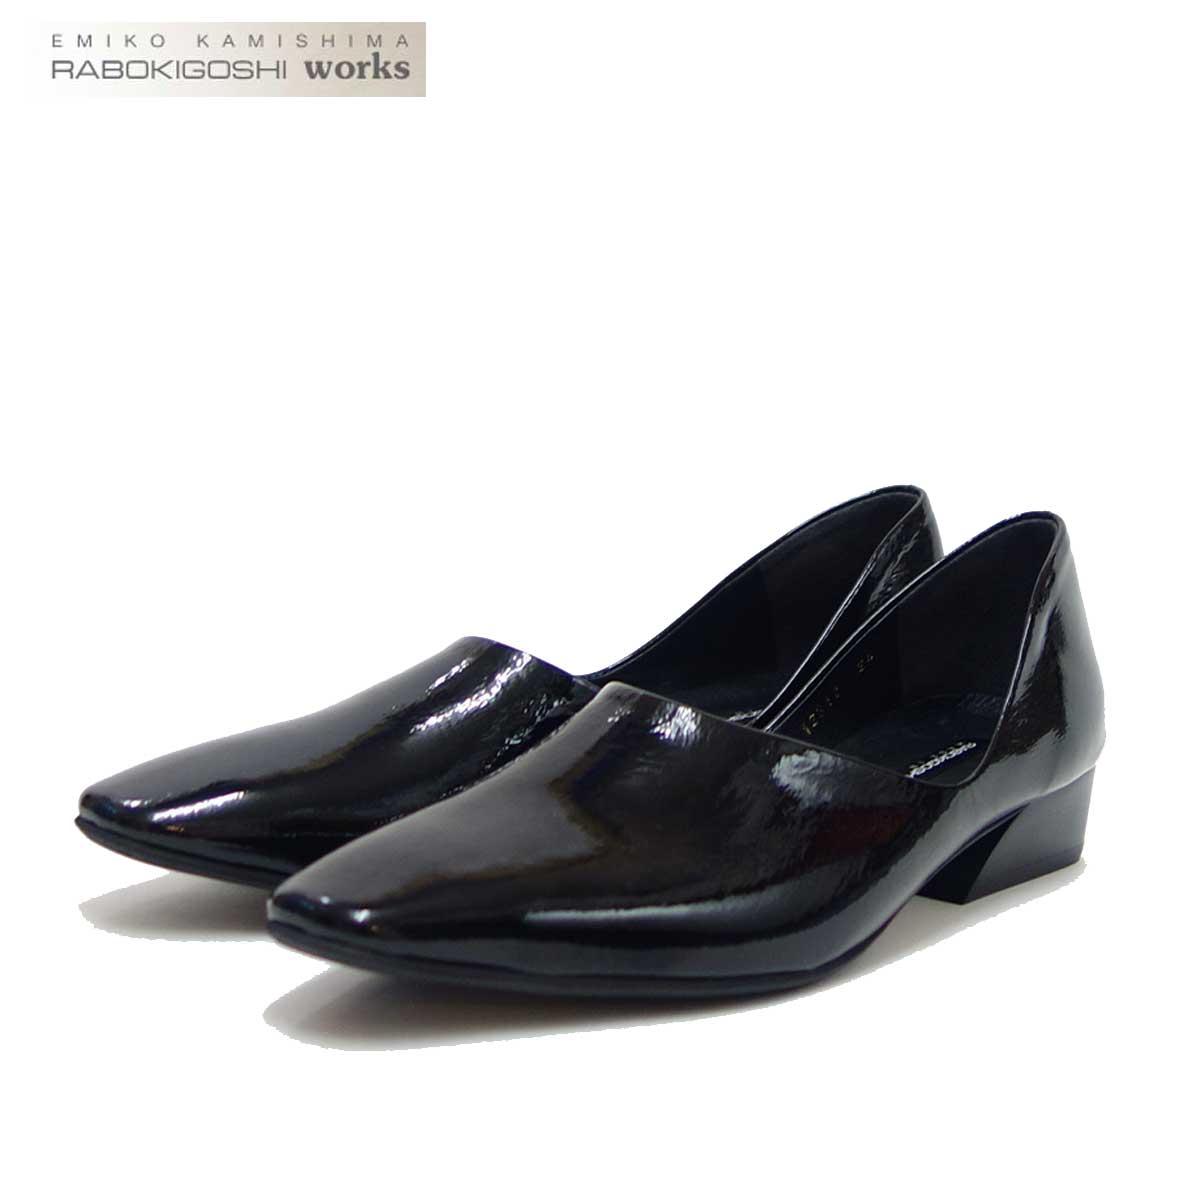 RABOKIGOSHI works(ラボキゴシ ワークス) 12312 ブラック エナメルスリッポン 「靴」